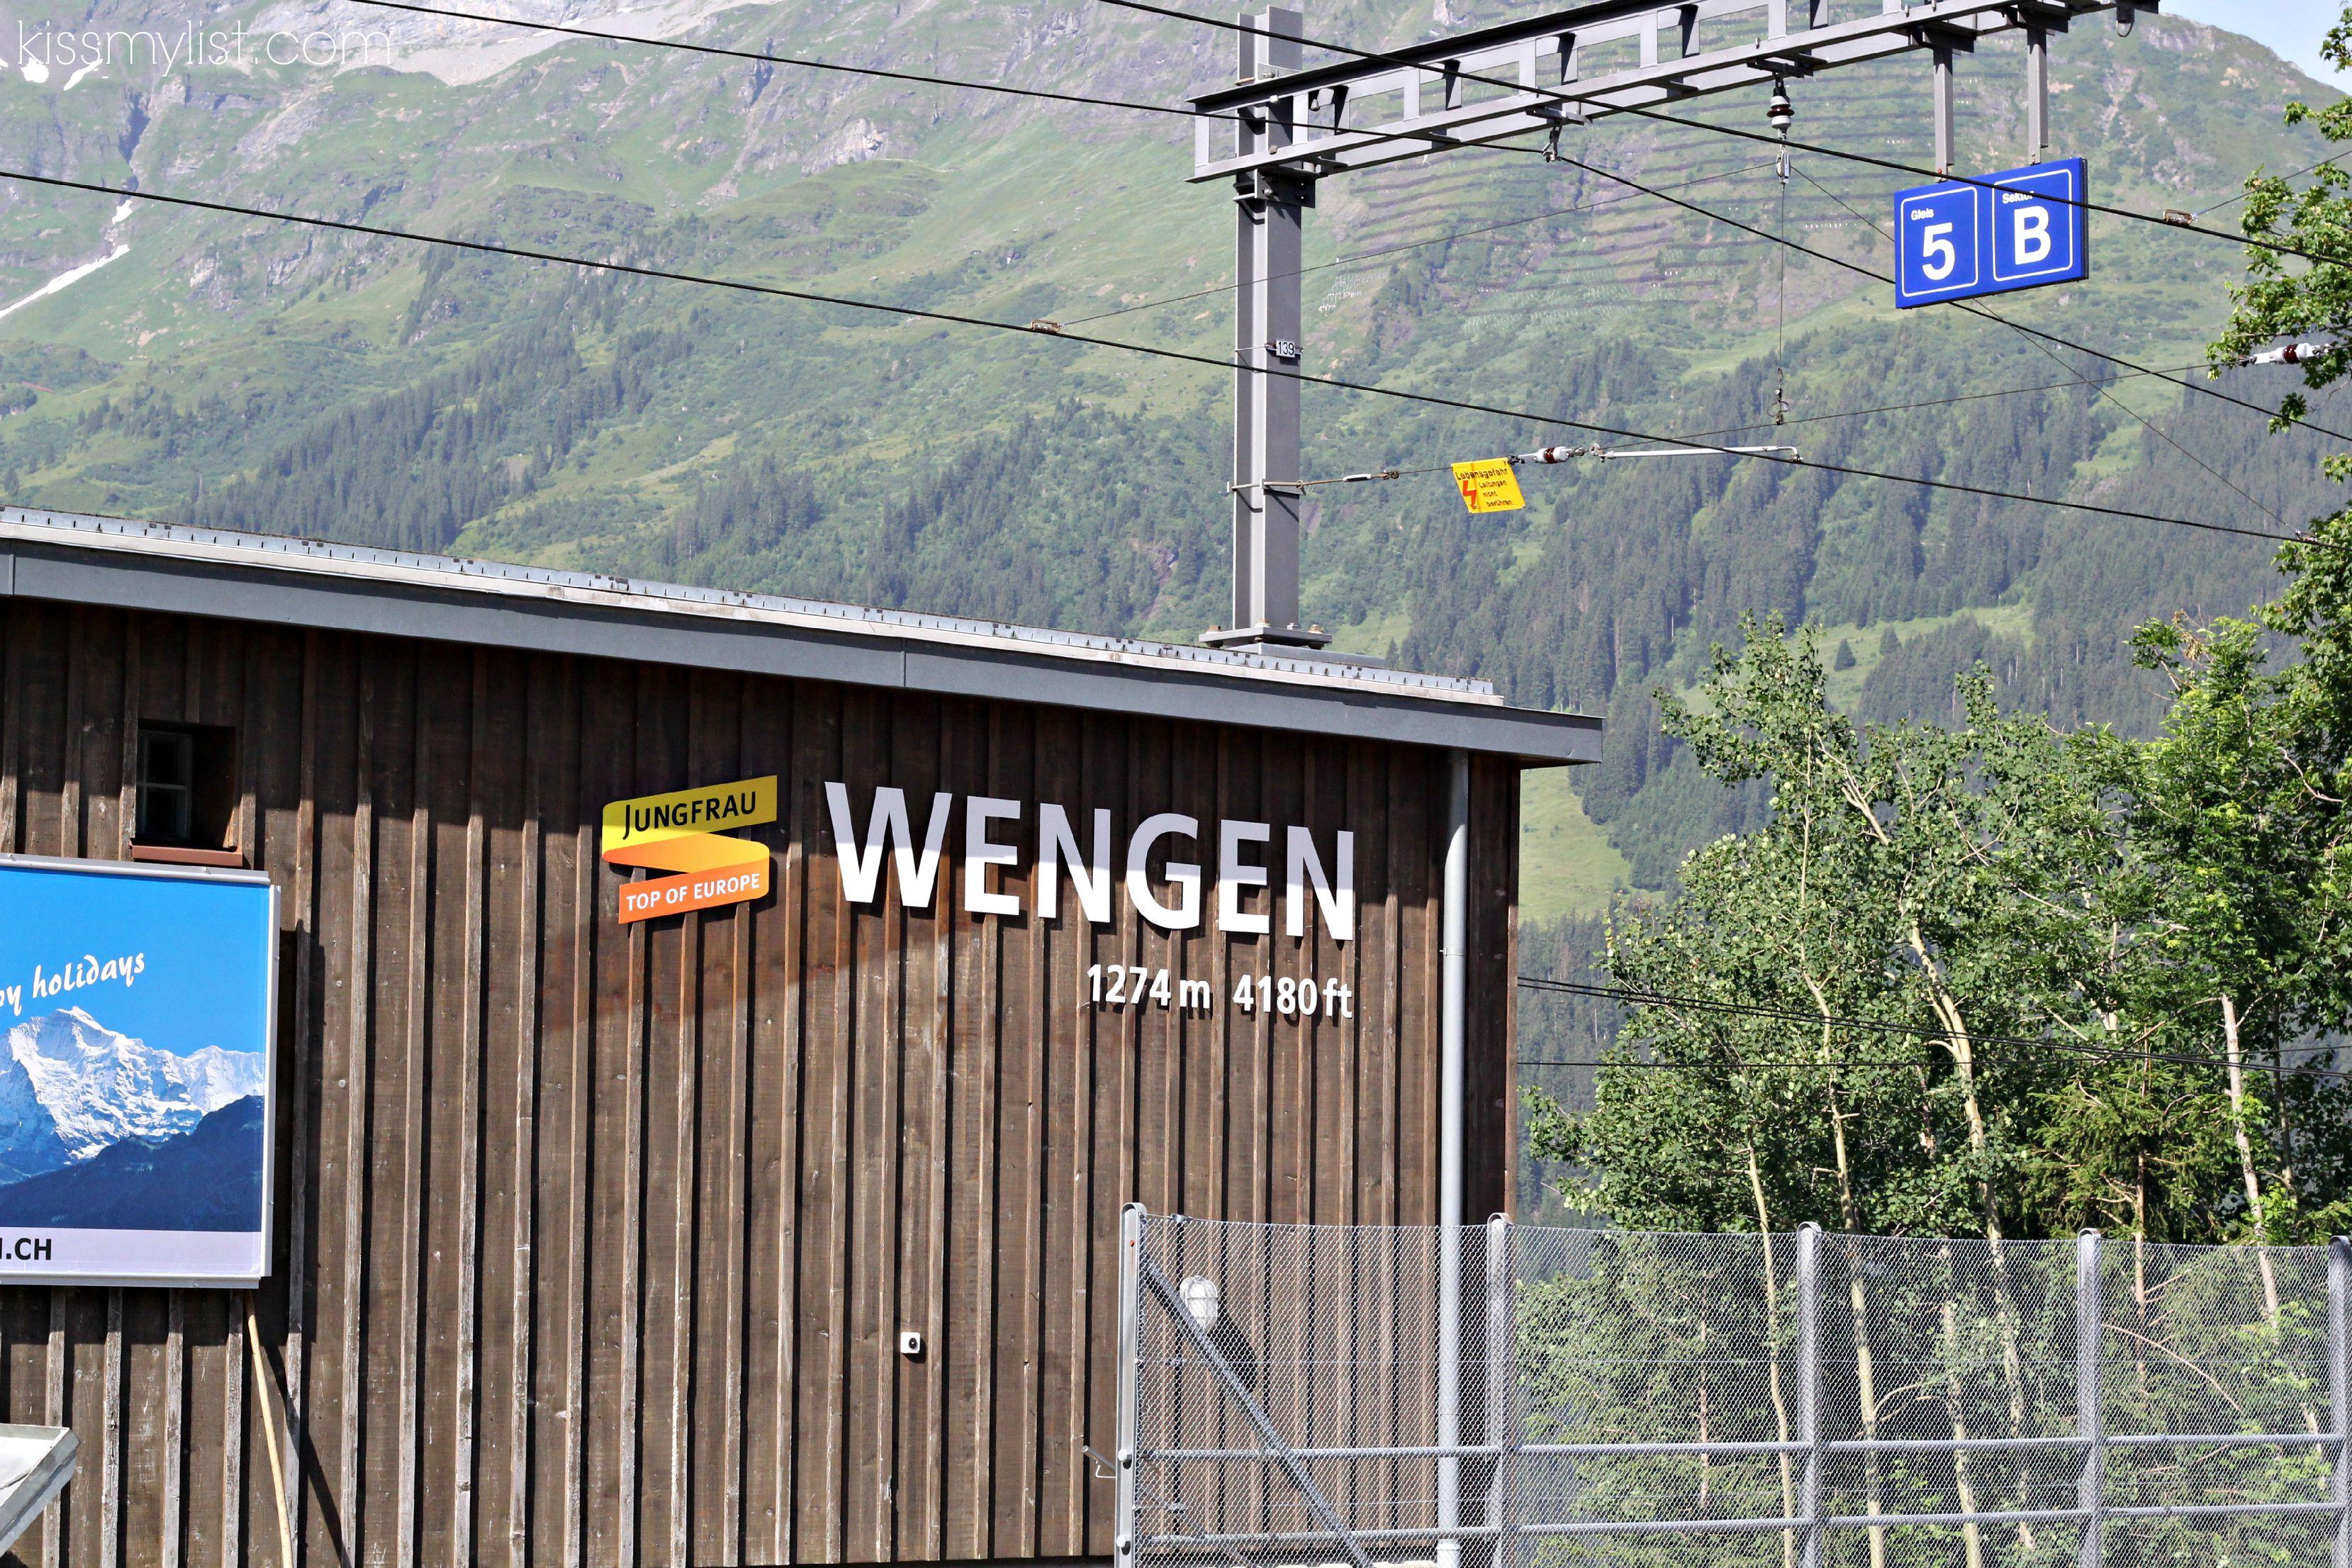 Wengen railway station